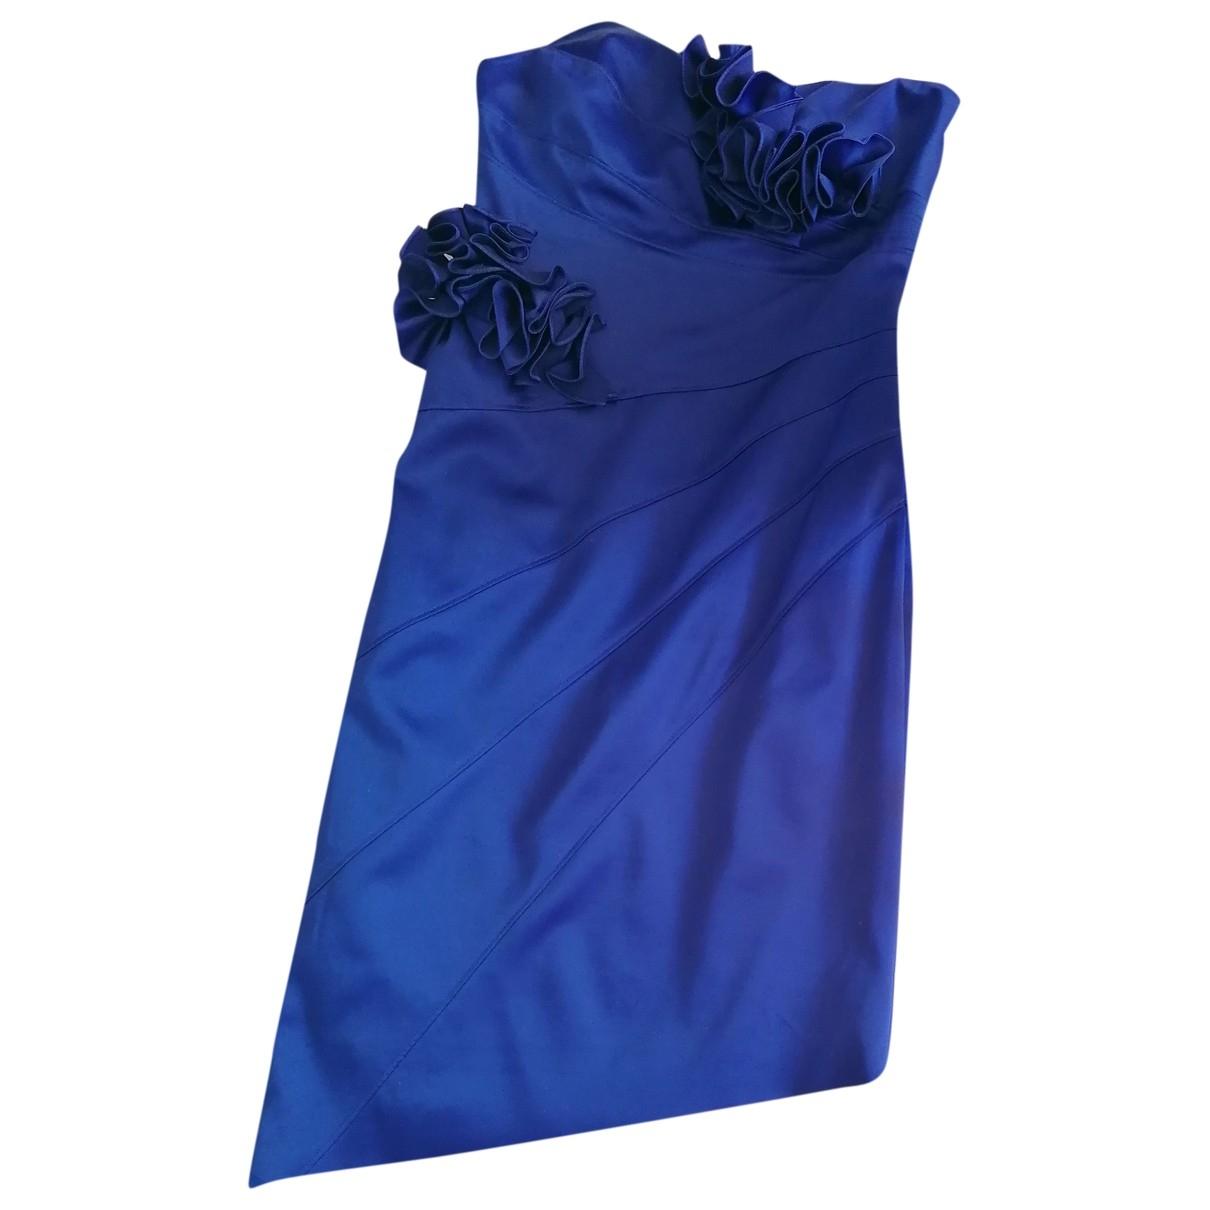 Karen Millen \N Blue dress for Women 38 FR